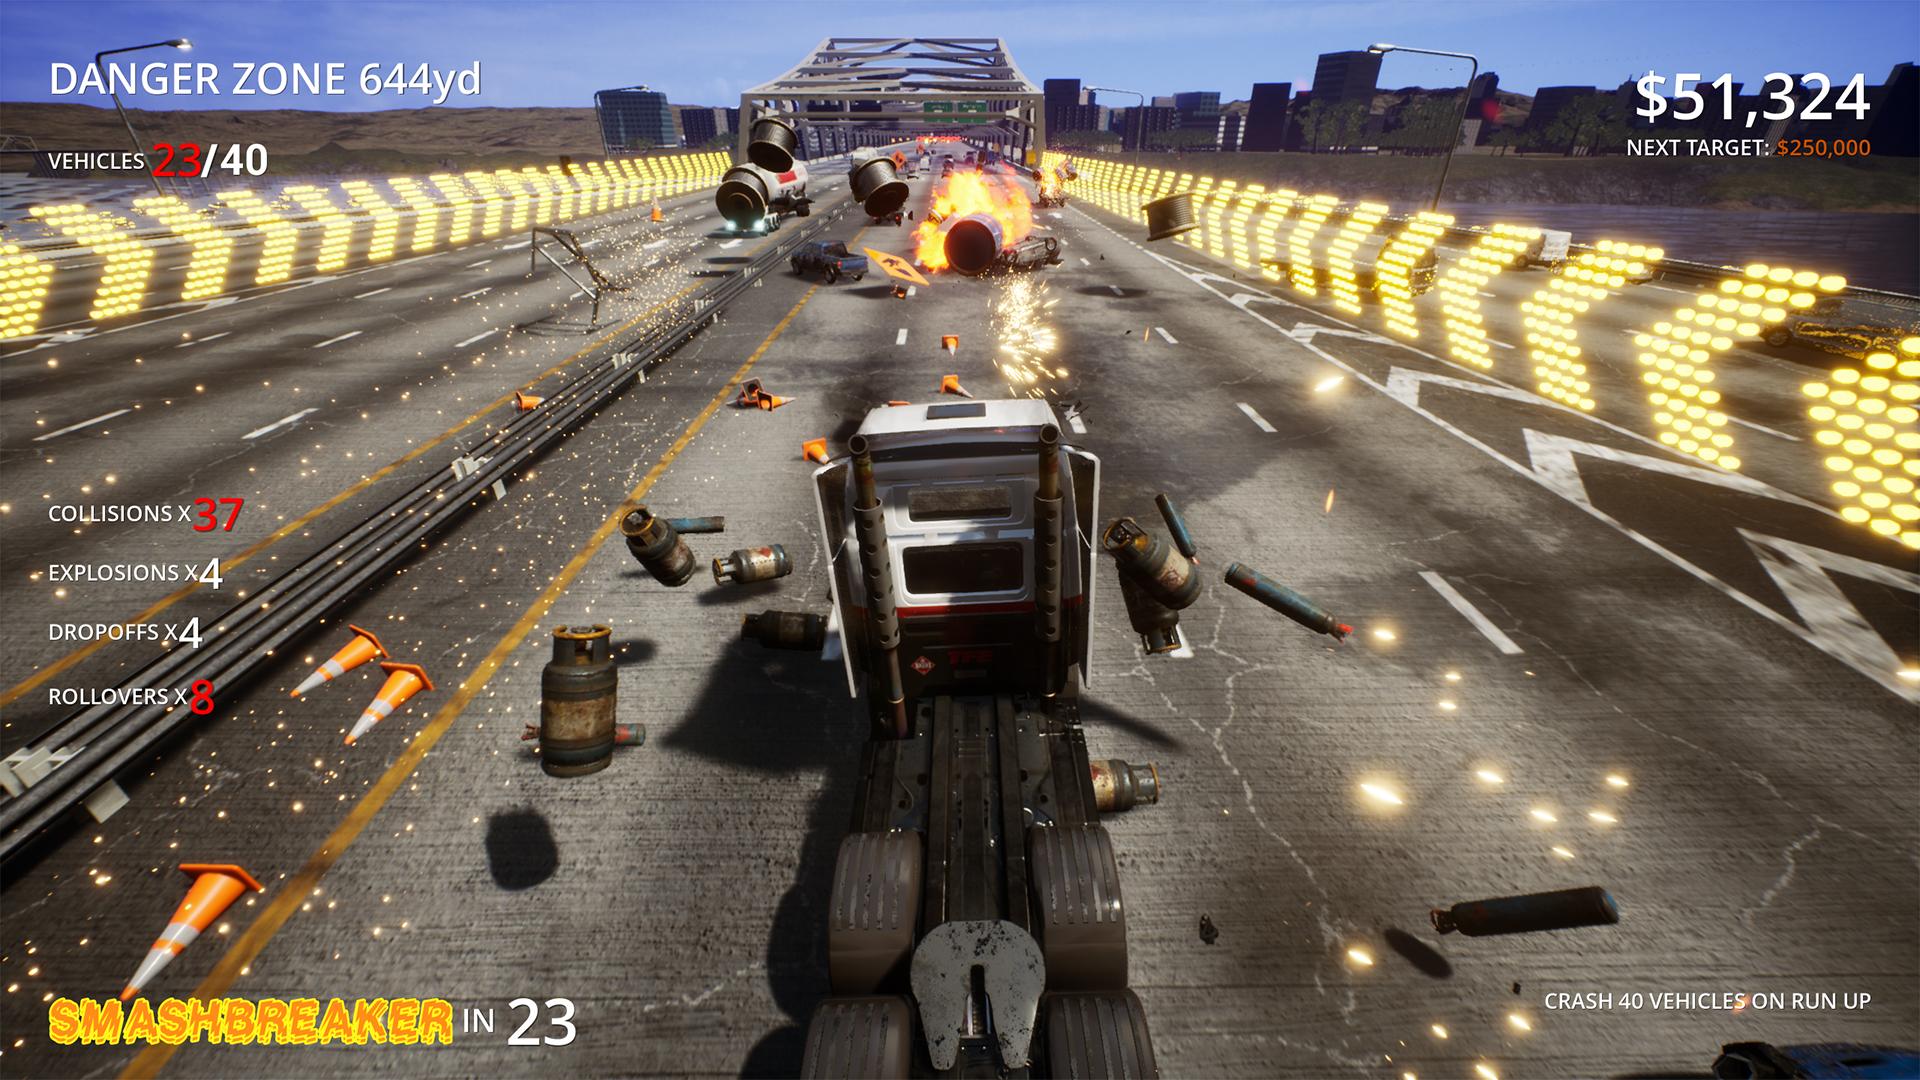 Novo estúdio de fundadores da Criterion revela games que lembram Burnout